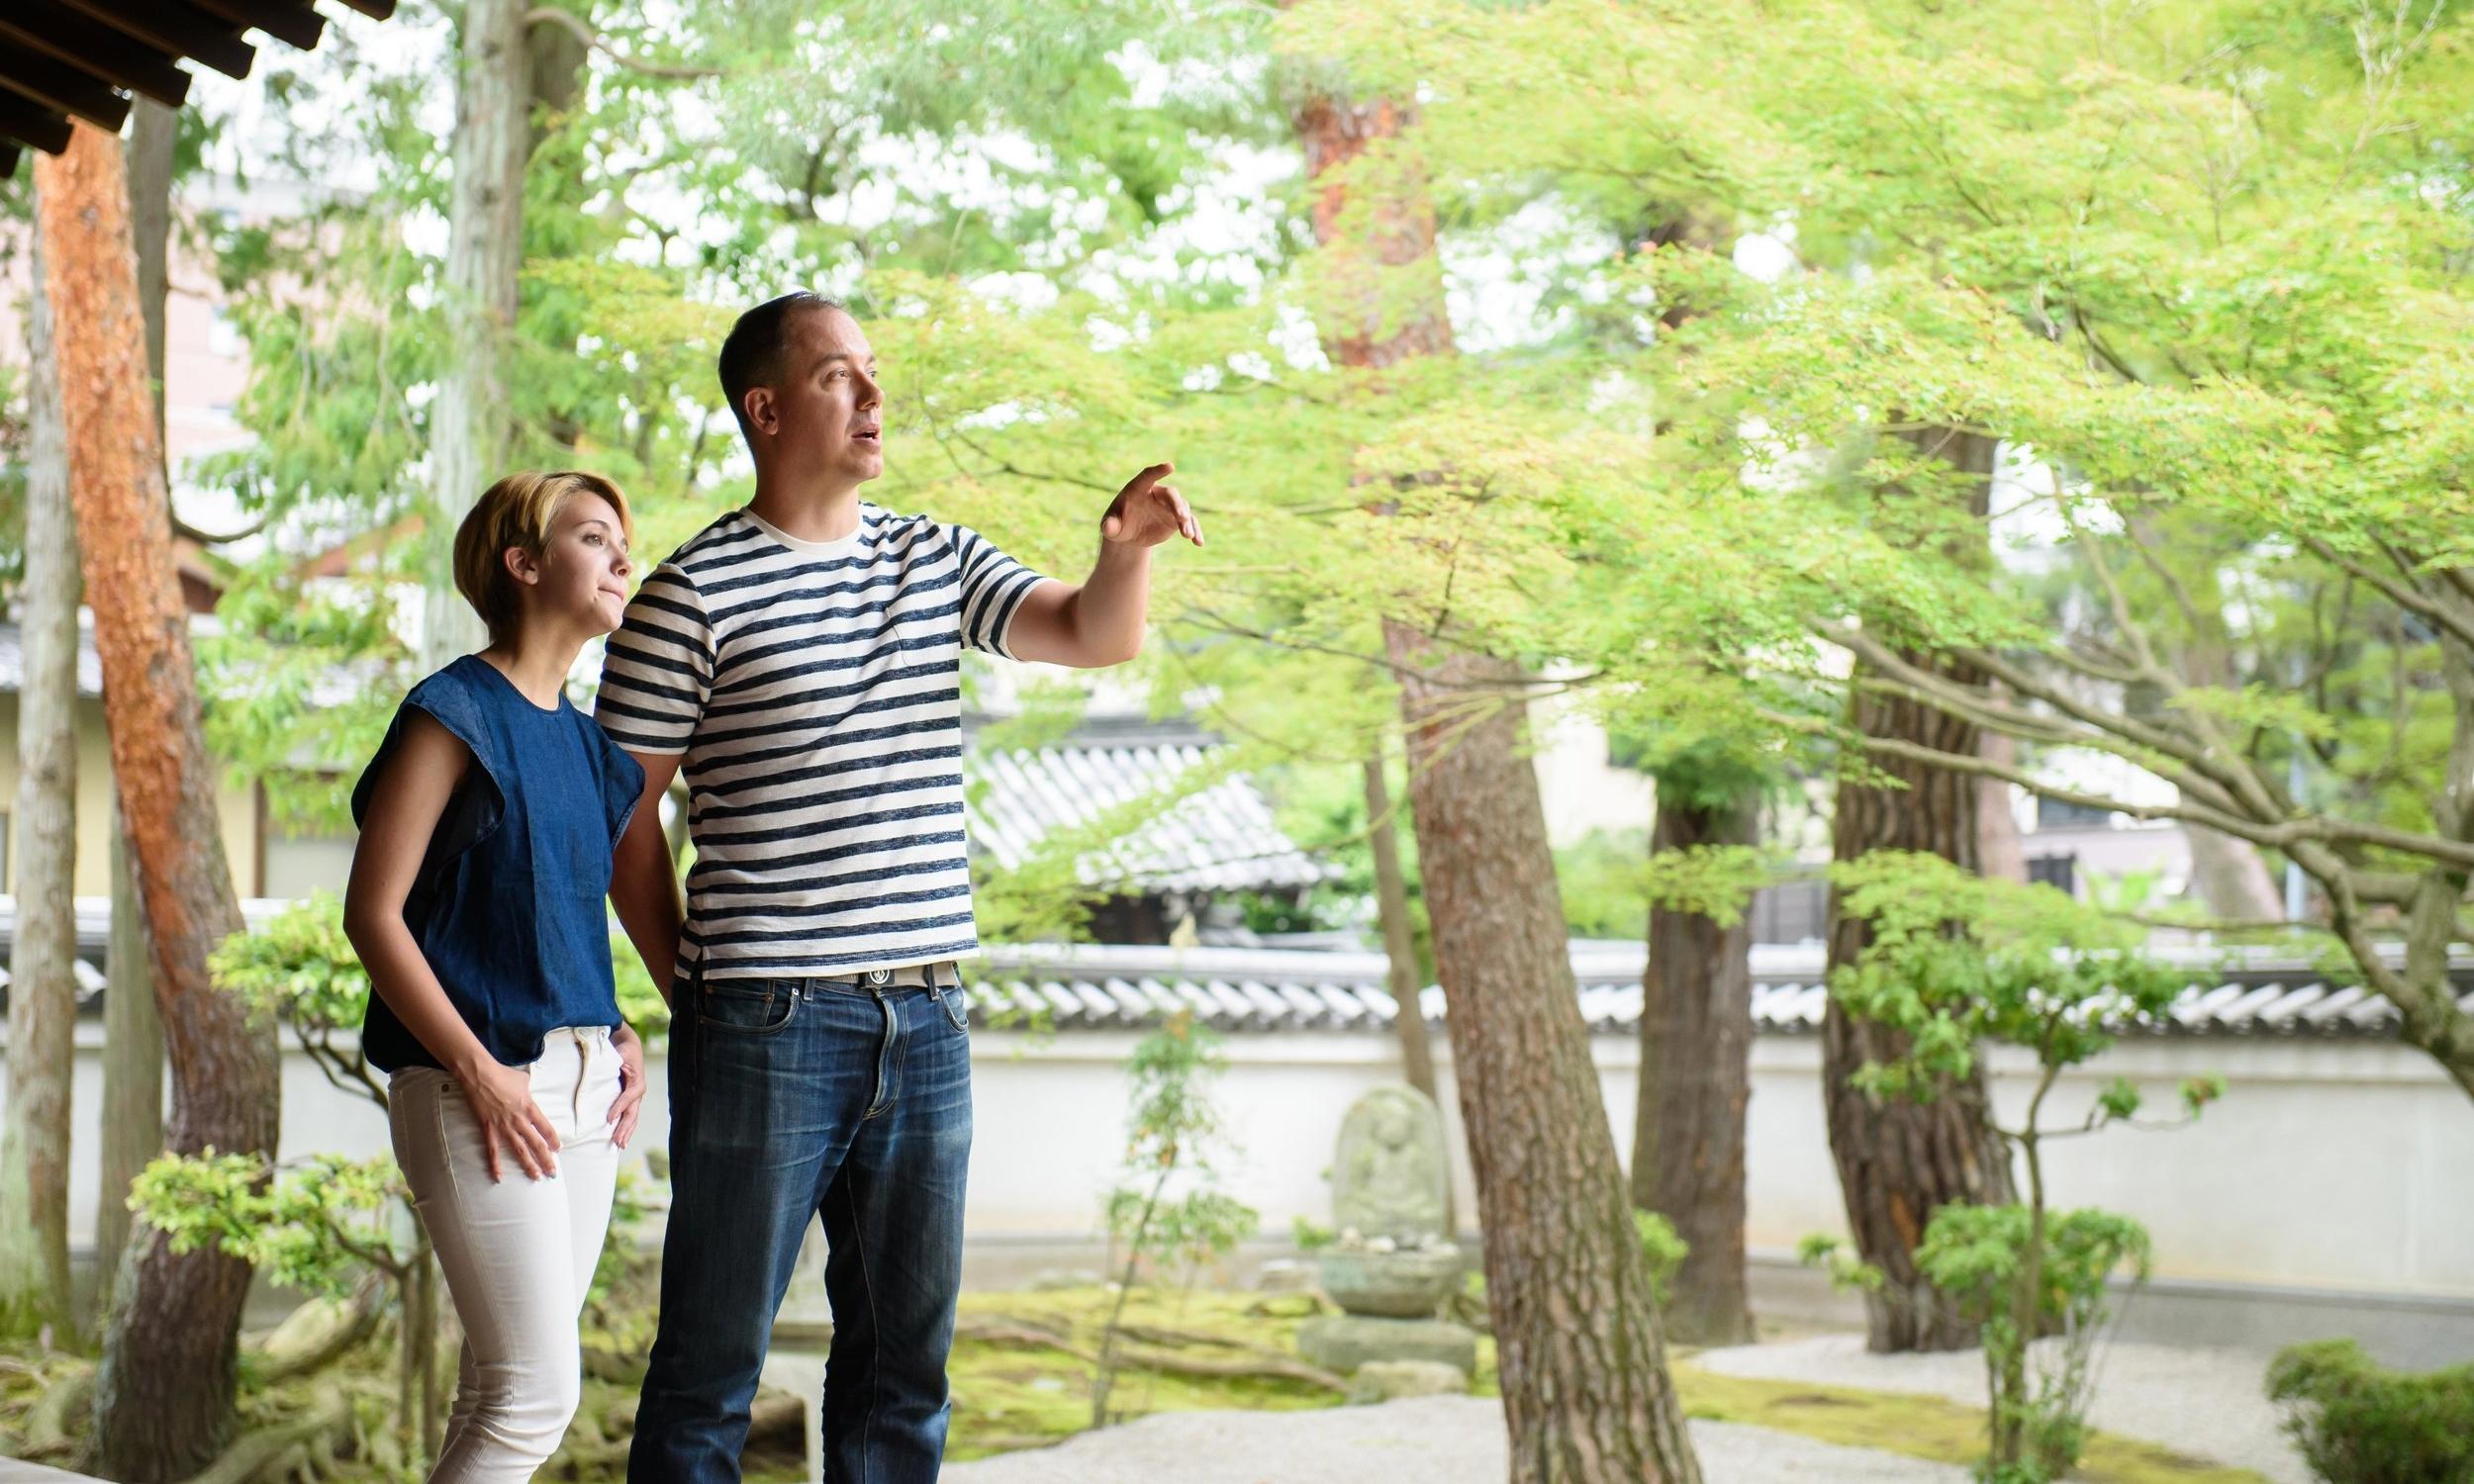 Communication - コミュニケーション力文化的背景から成るコミュニケーションスタイルの違いや、上下関係のあり方などの事例を通じて、さらなる売上に繋げられるようなセールス英会話を習得します。